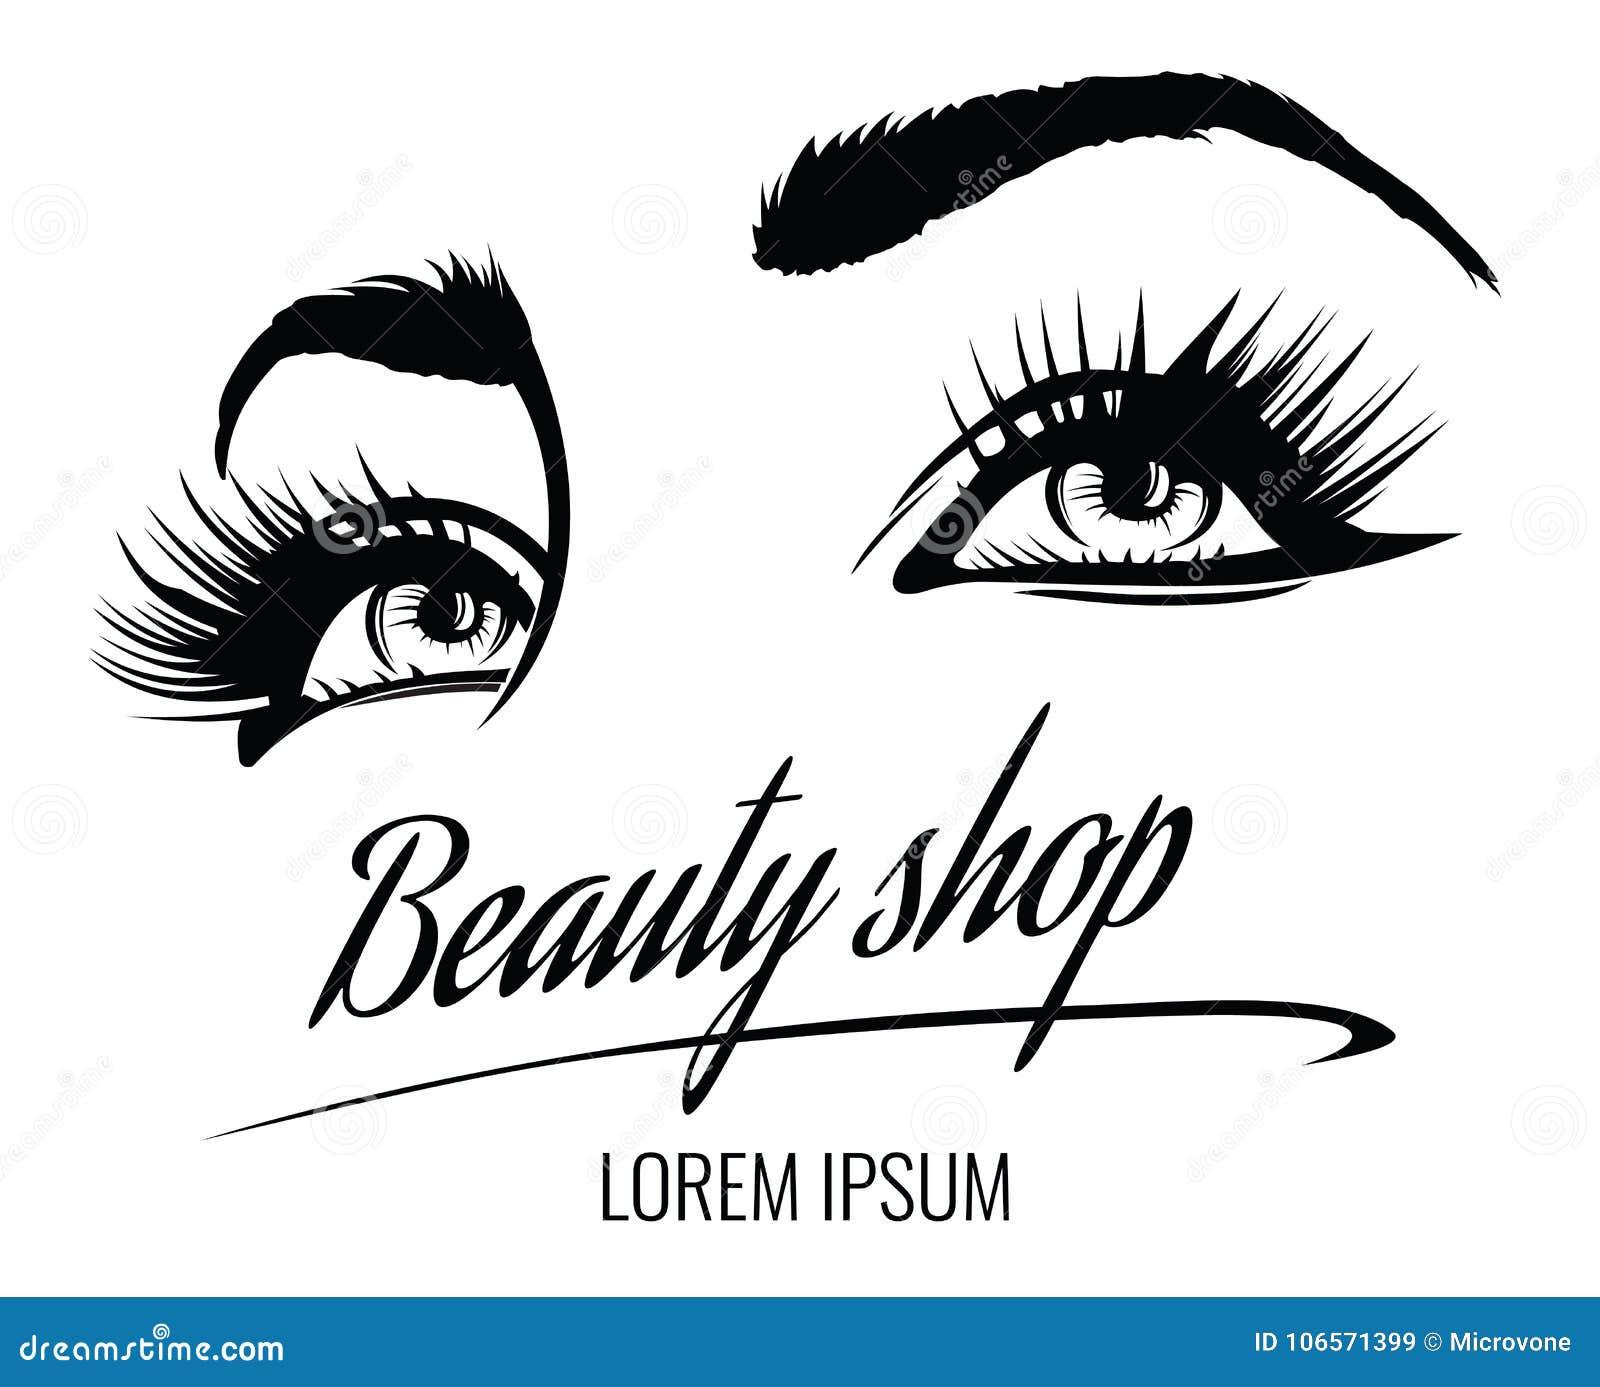 Διανυσματική αφίσα σαλονιών ομορφιάς με τα μάτια, eyelashes και το φρύδι της όμορφης γυναίκας